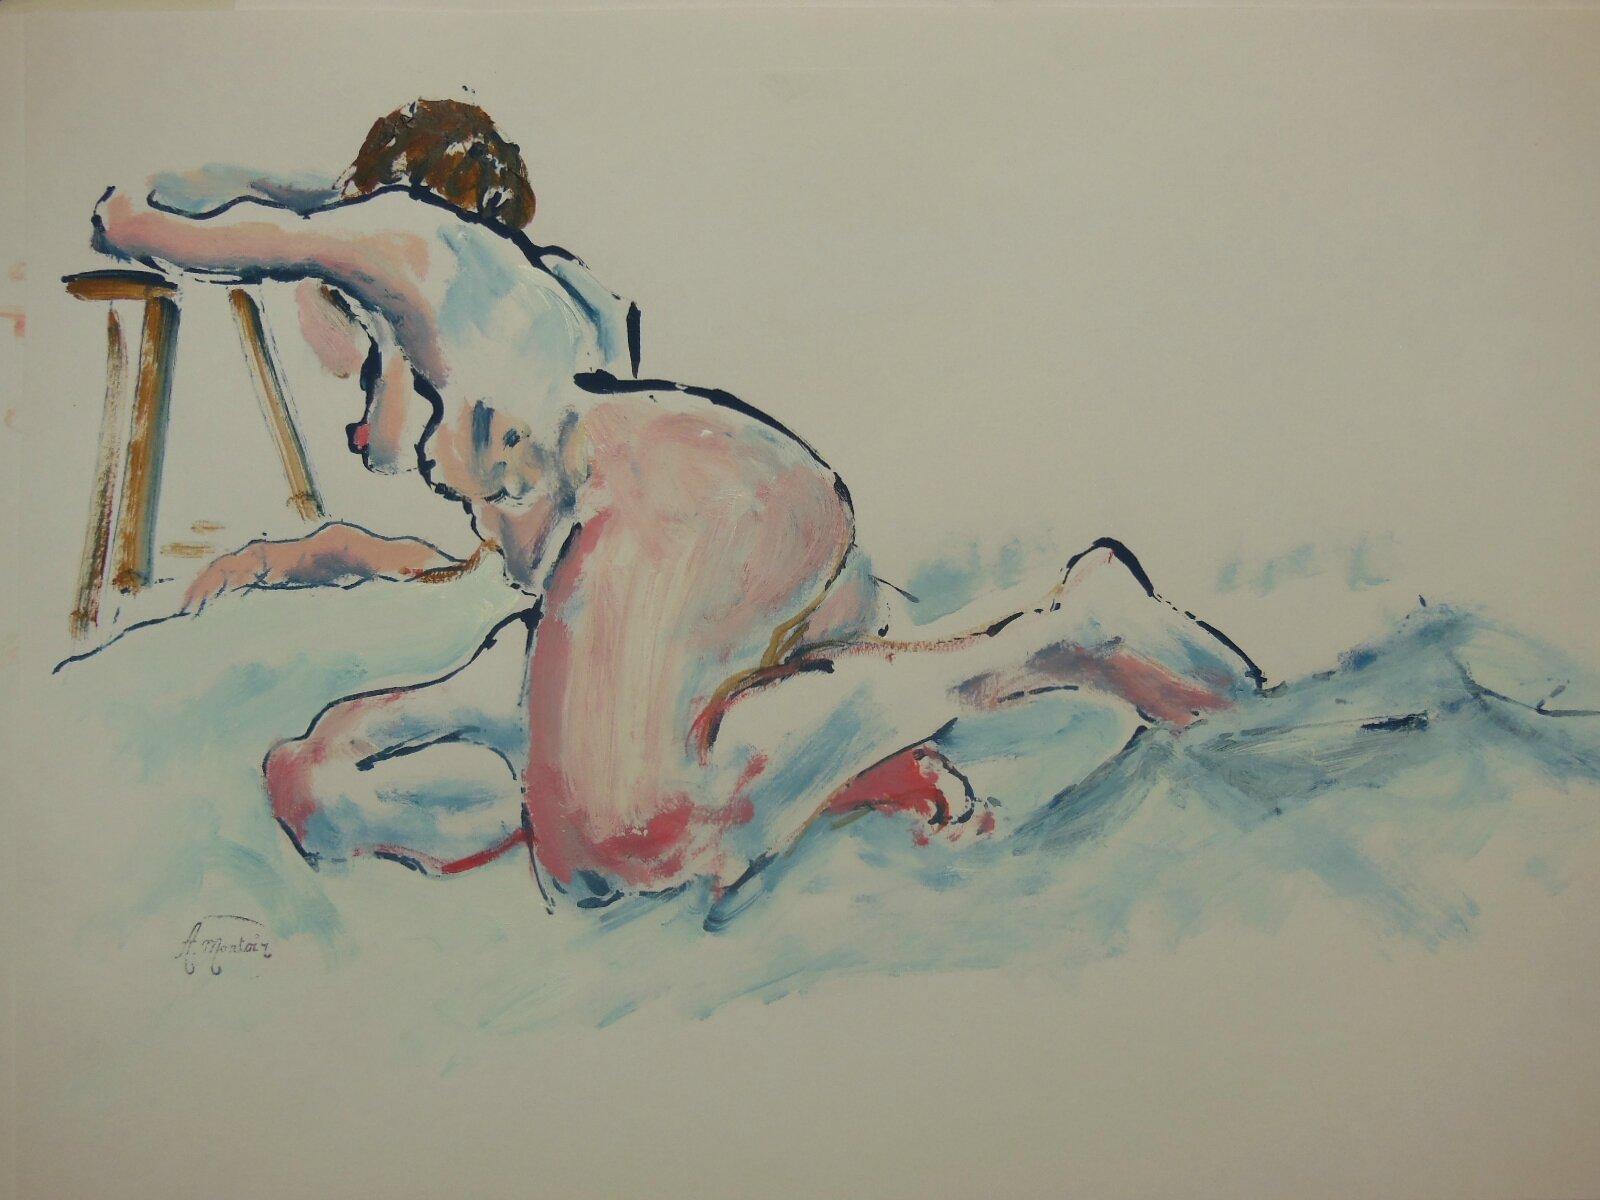 Peinture de nus feminin crayon gras et acrylique sur papier (9)